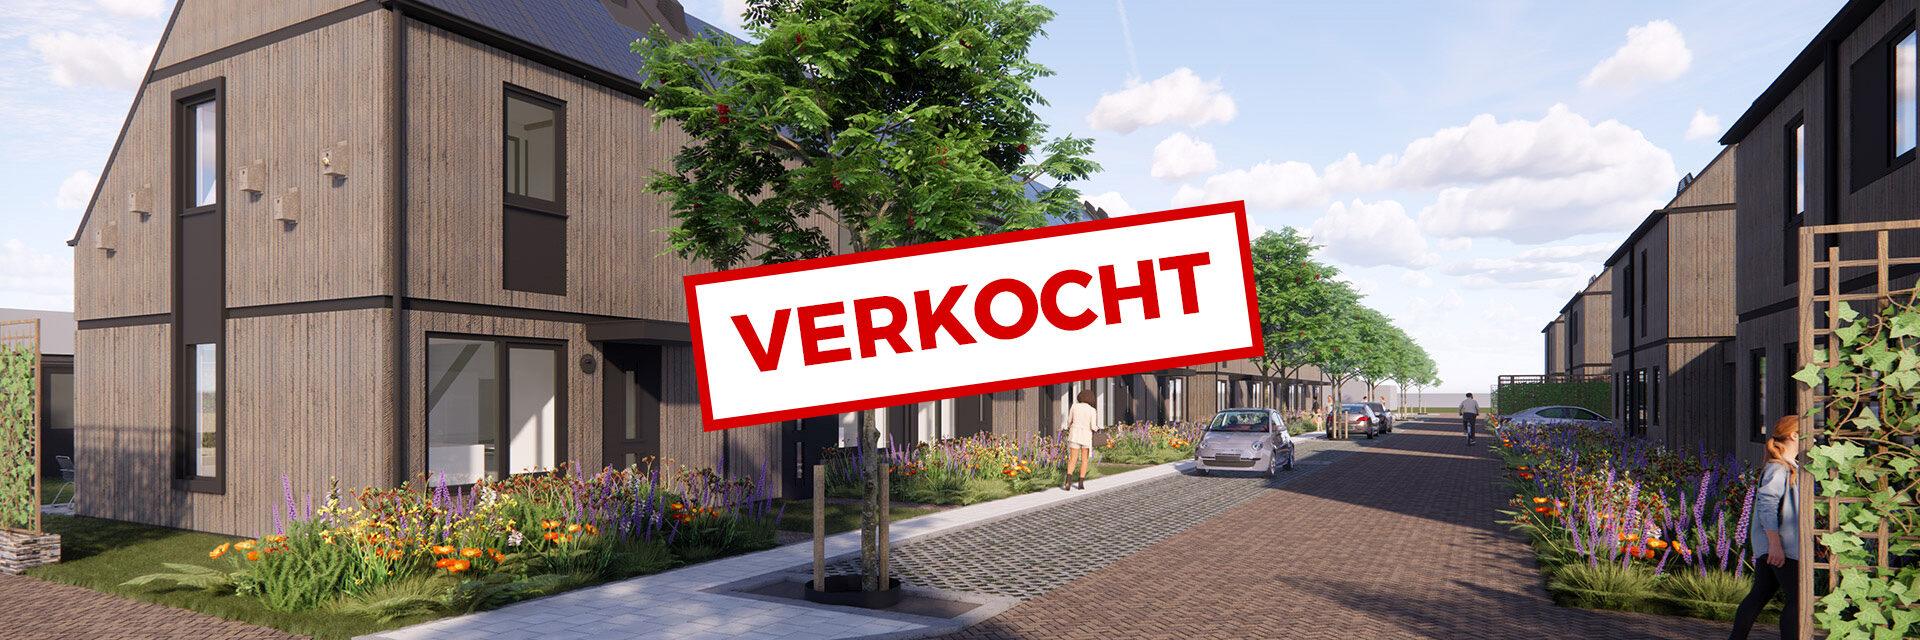 12 starterswoningen in Herwen